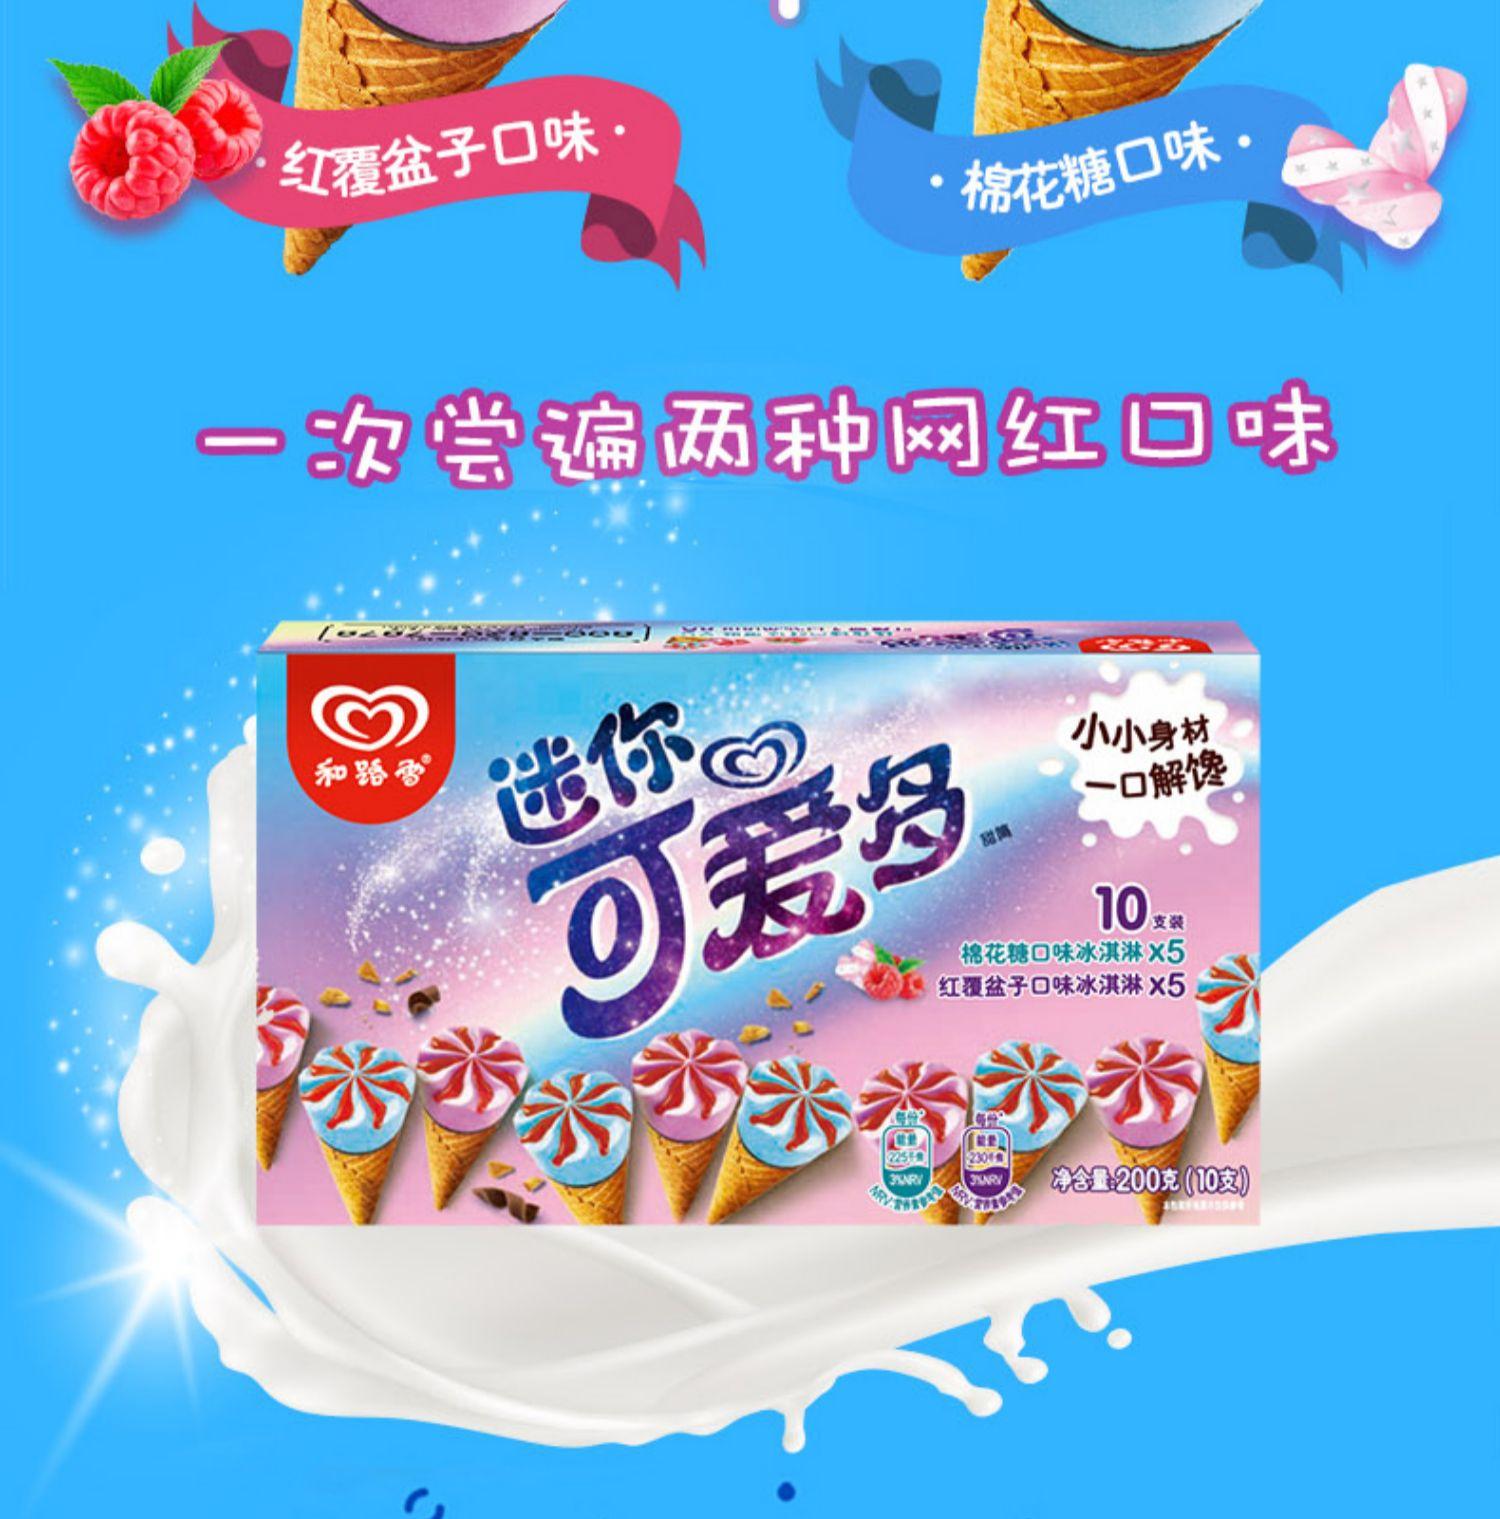 【和路雪70支】全家福冰淇淋